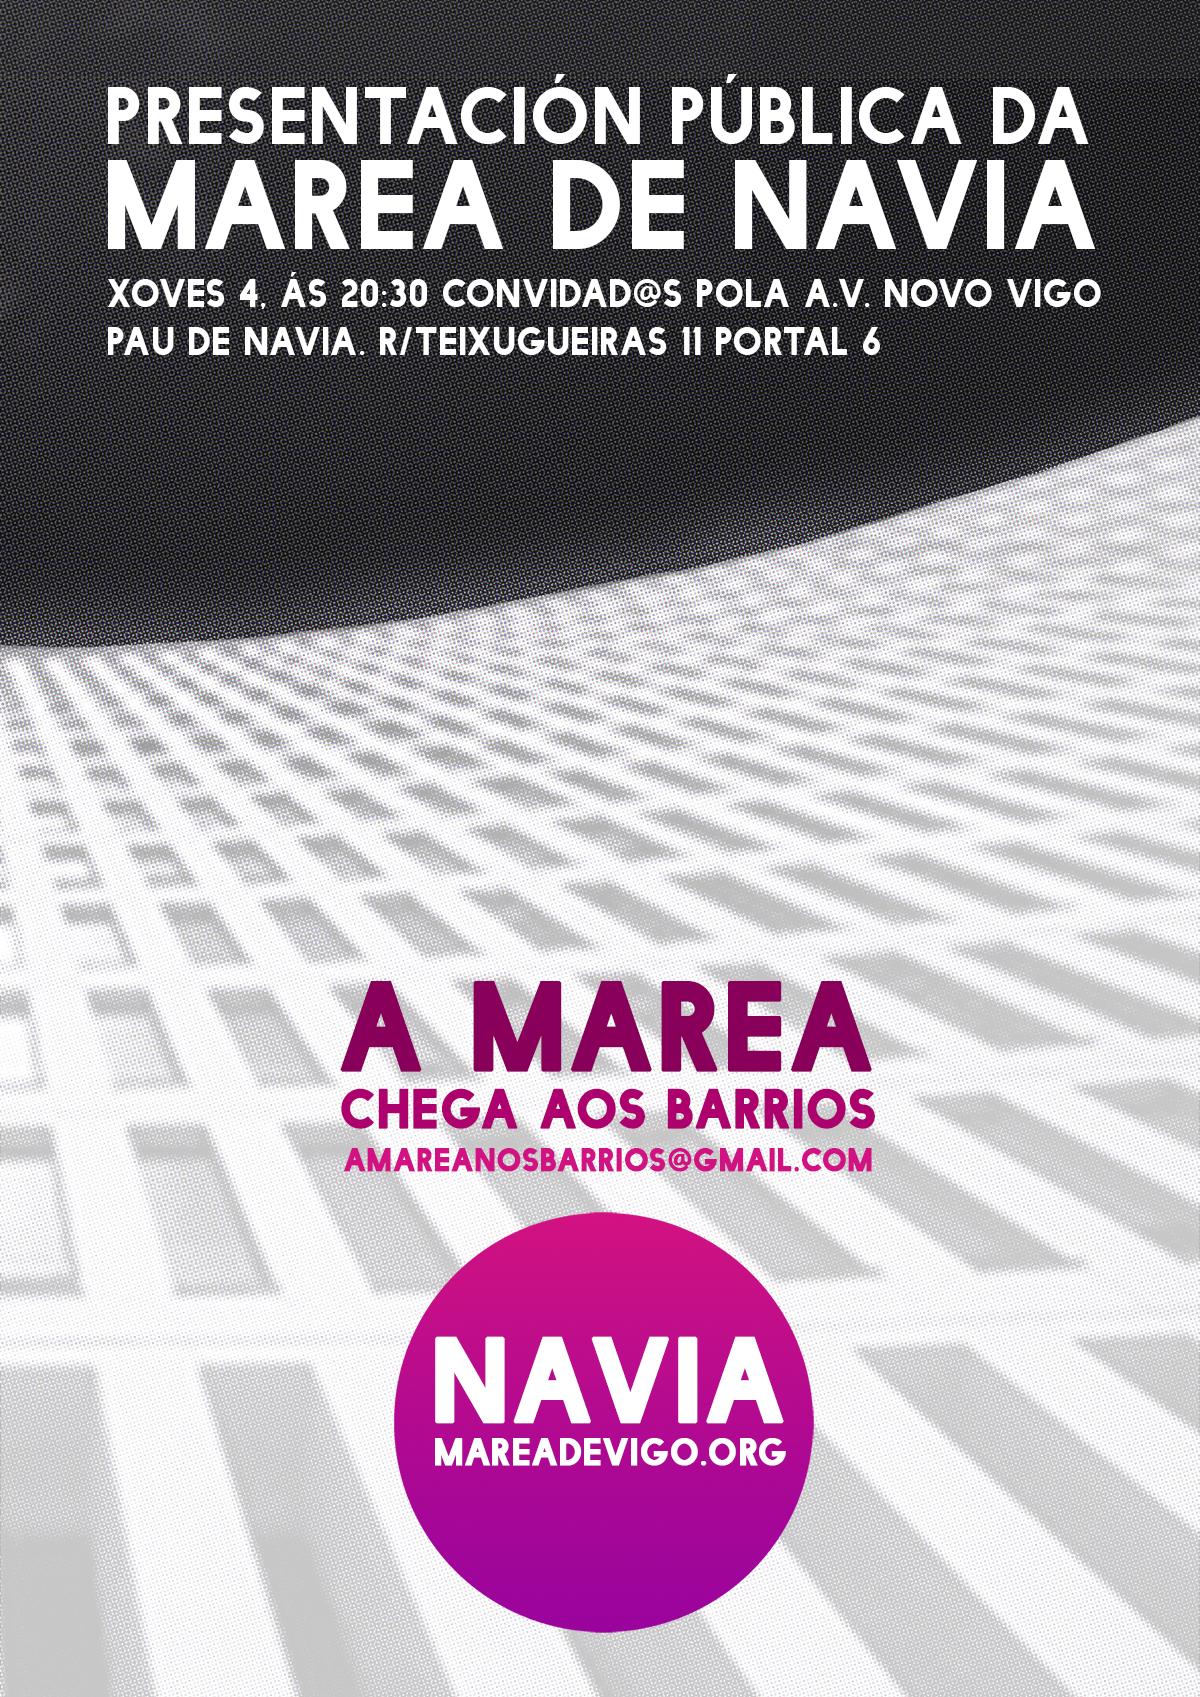 marea_de_navia